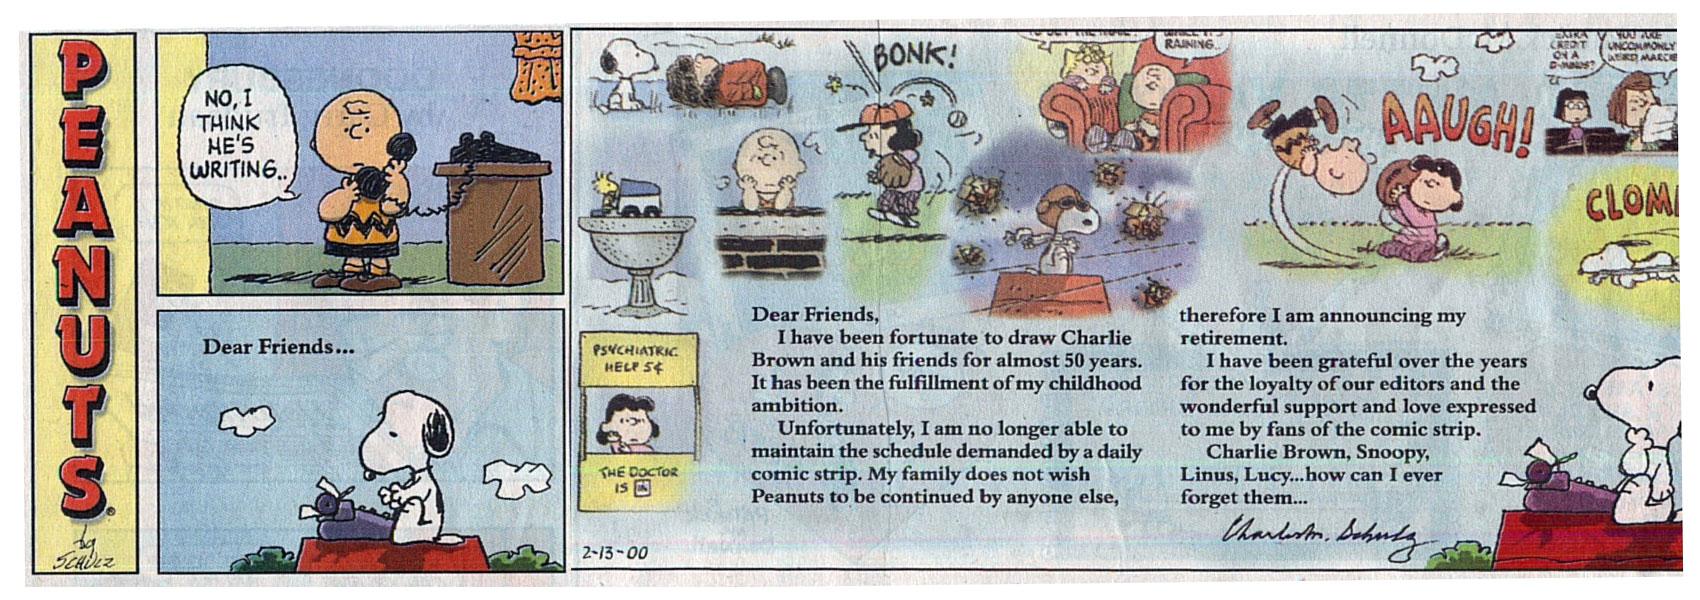 Peanuts, l'ultima striscia a fumetti